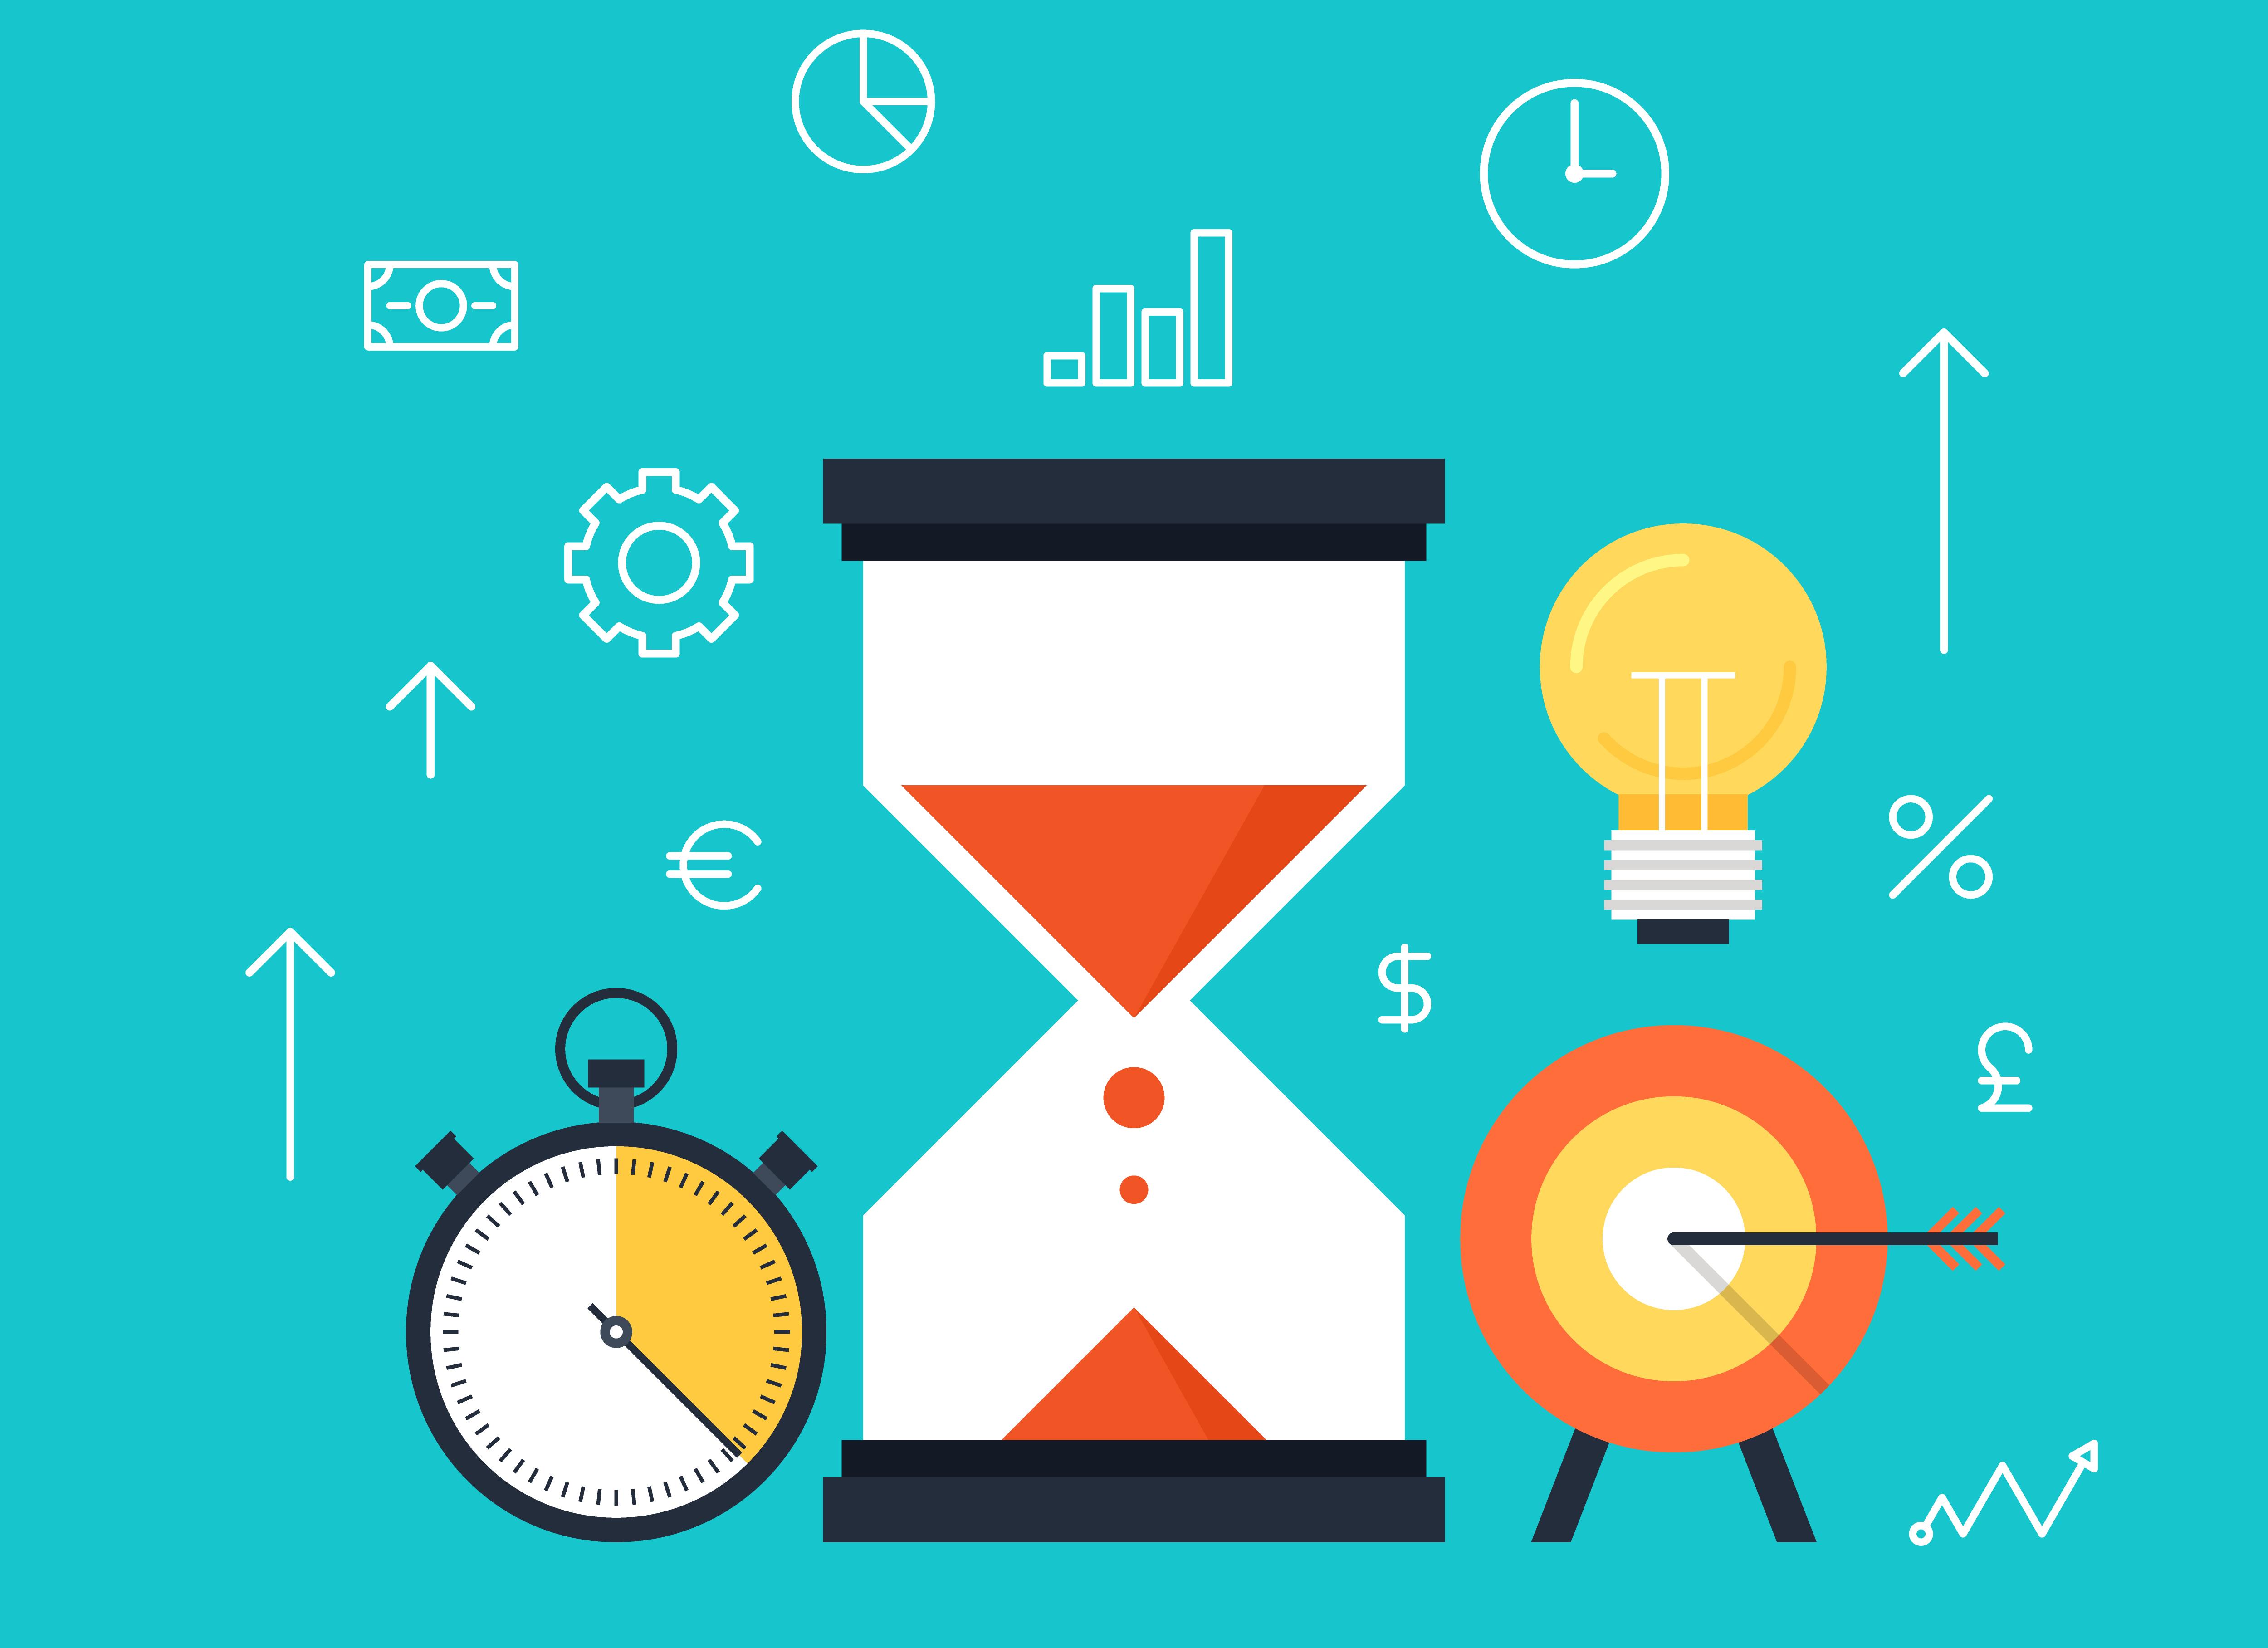 Phản ứng nhanh, không bắt khách hàng phải chờ đợi là yếu tố quan trọng nhất trong trường hợp khách hàng không hài lòng